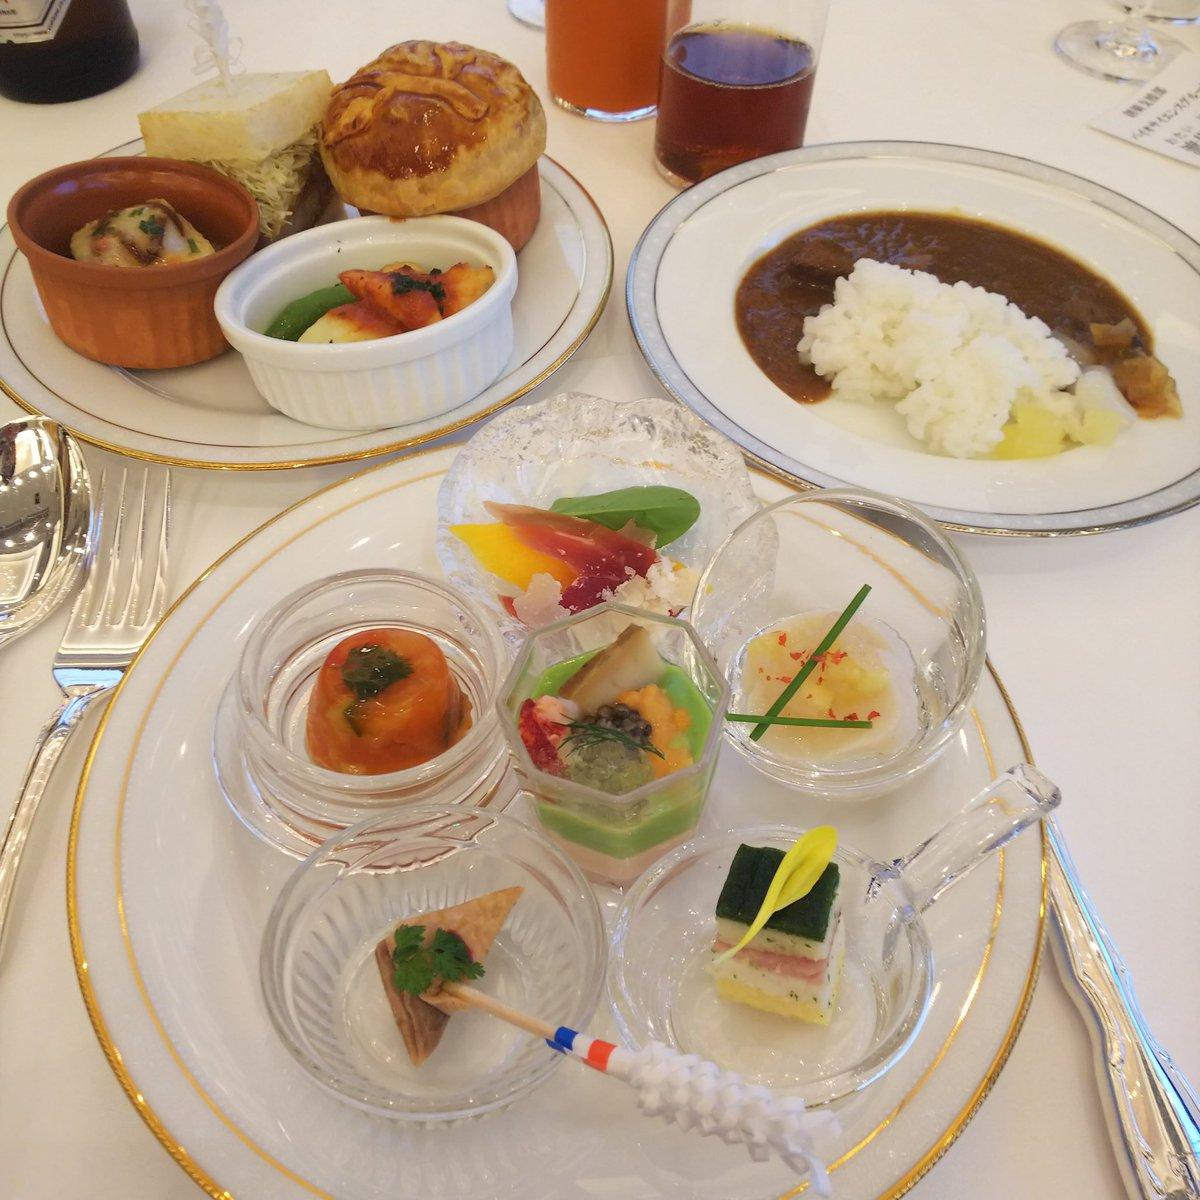 test ツイッターメディア - きょは、東京會舘にて社内懇親会✨ 料理が全て美味しい~😋💓 デザートには名物マロンシャンテリーのミニサイズもあるし、満足じゃ~  うぐっ・・・ダイエット😣 https://t.co/oUTM6o28Pf